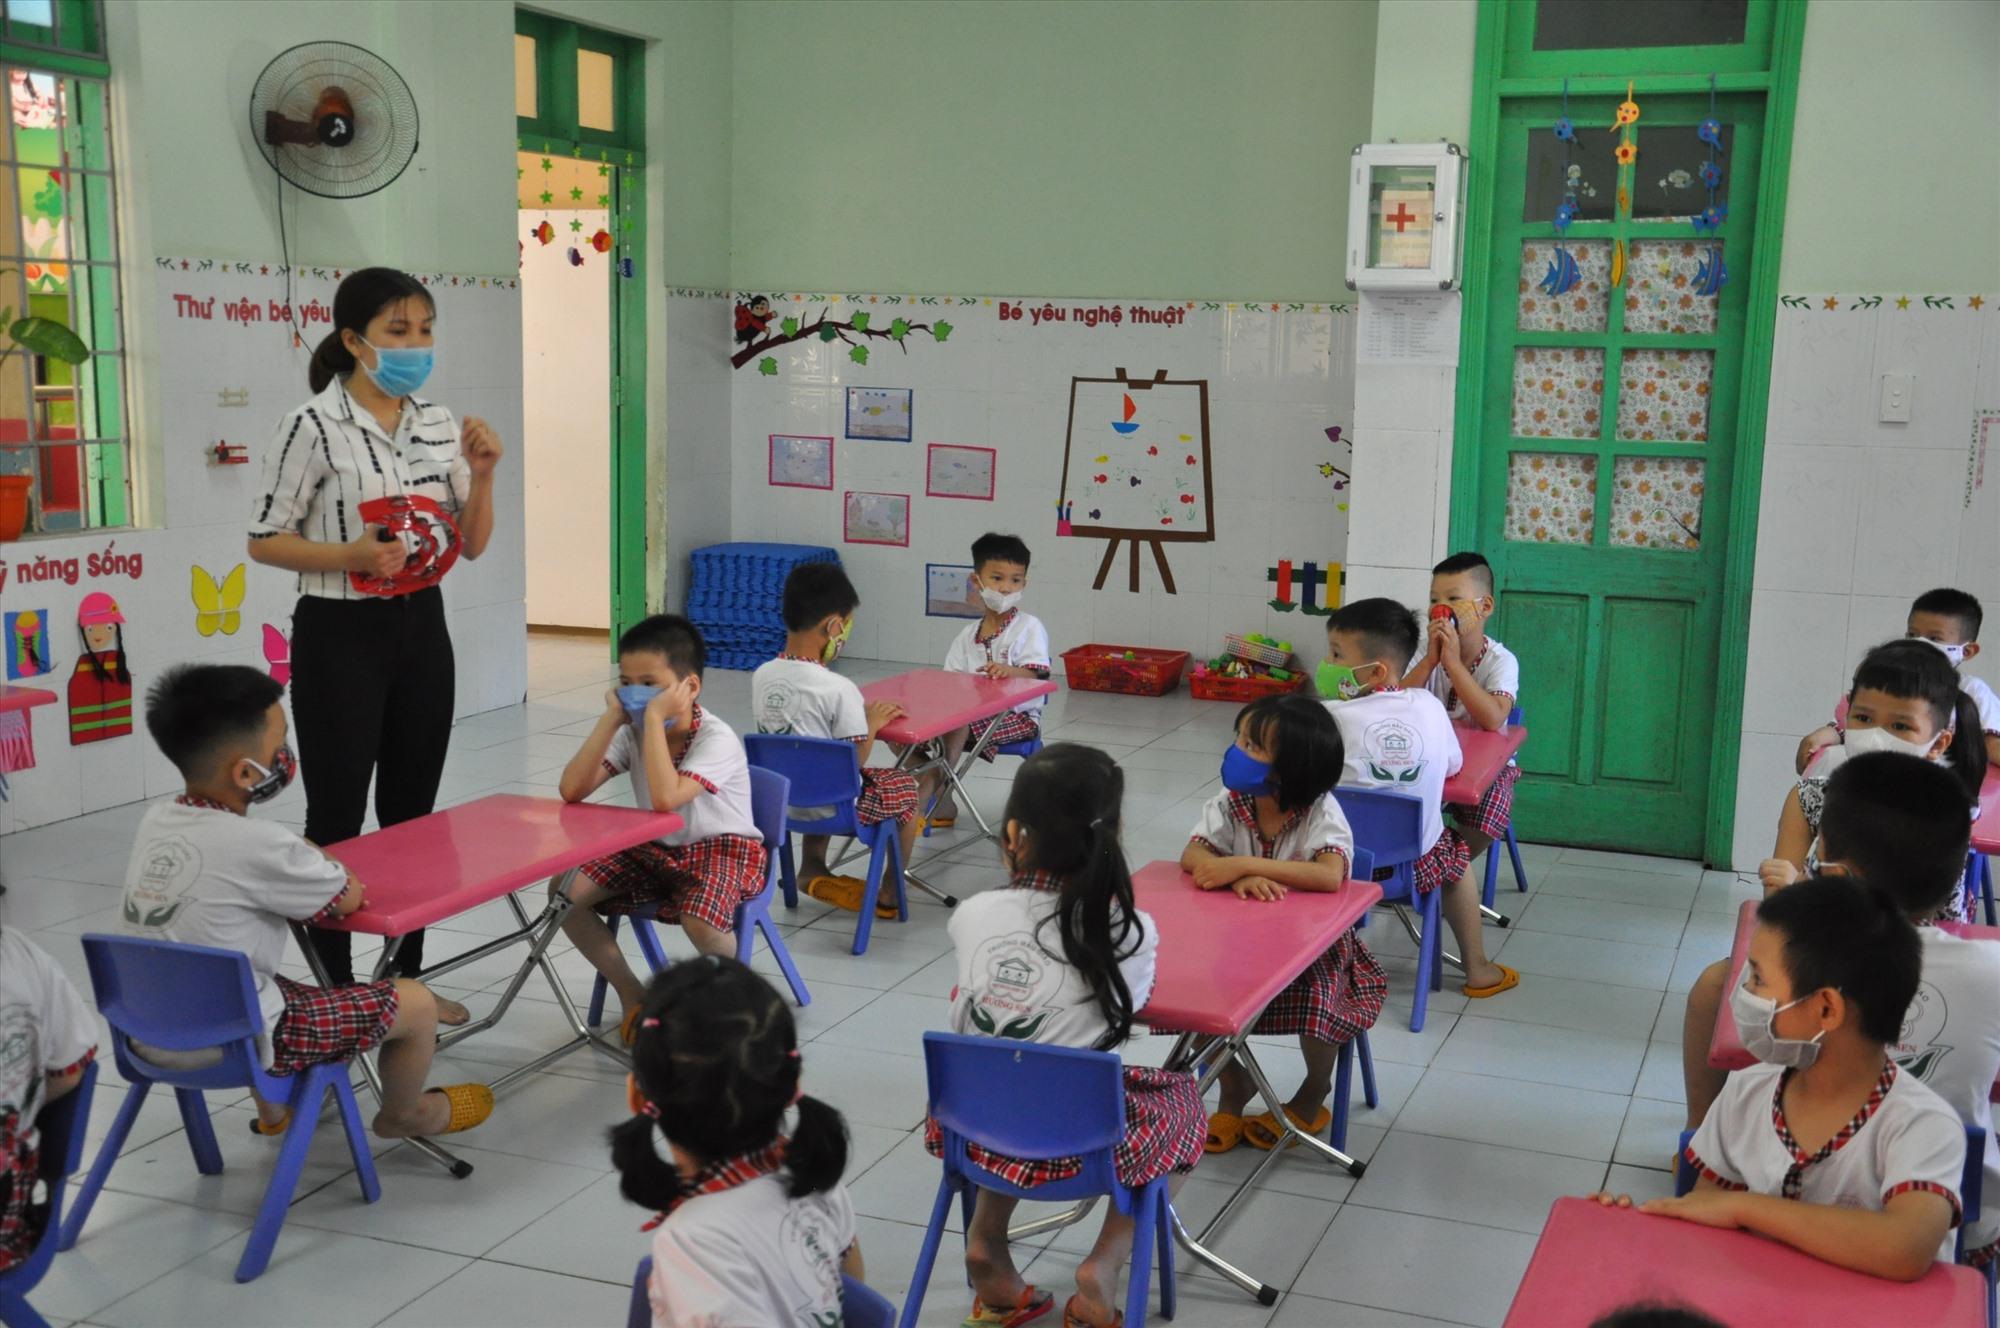 Ở đâu có học sinh, ở đó có giáo viên nhưng phải bố trí hợp lý. Ảnh: X.P